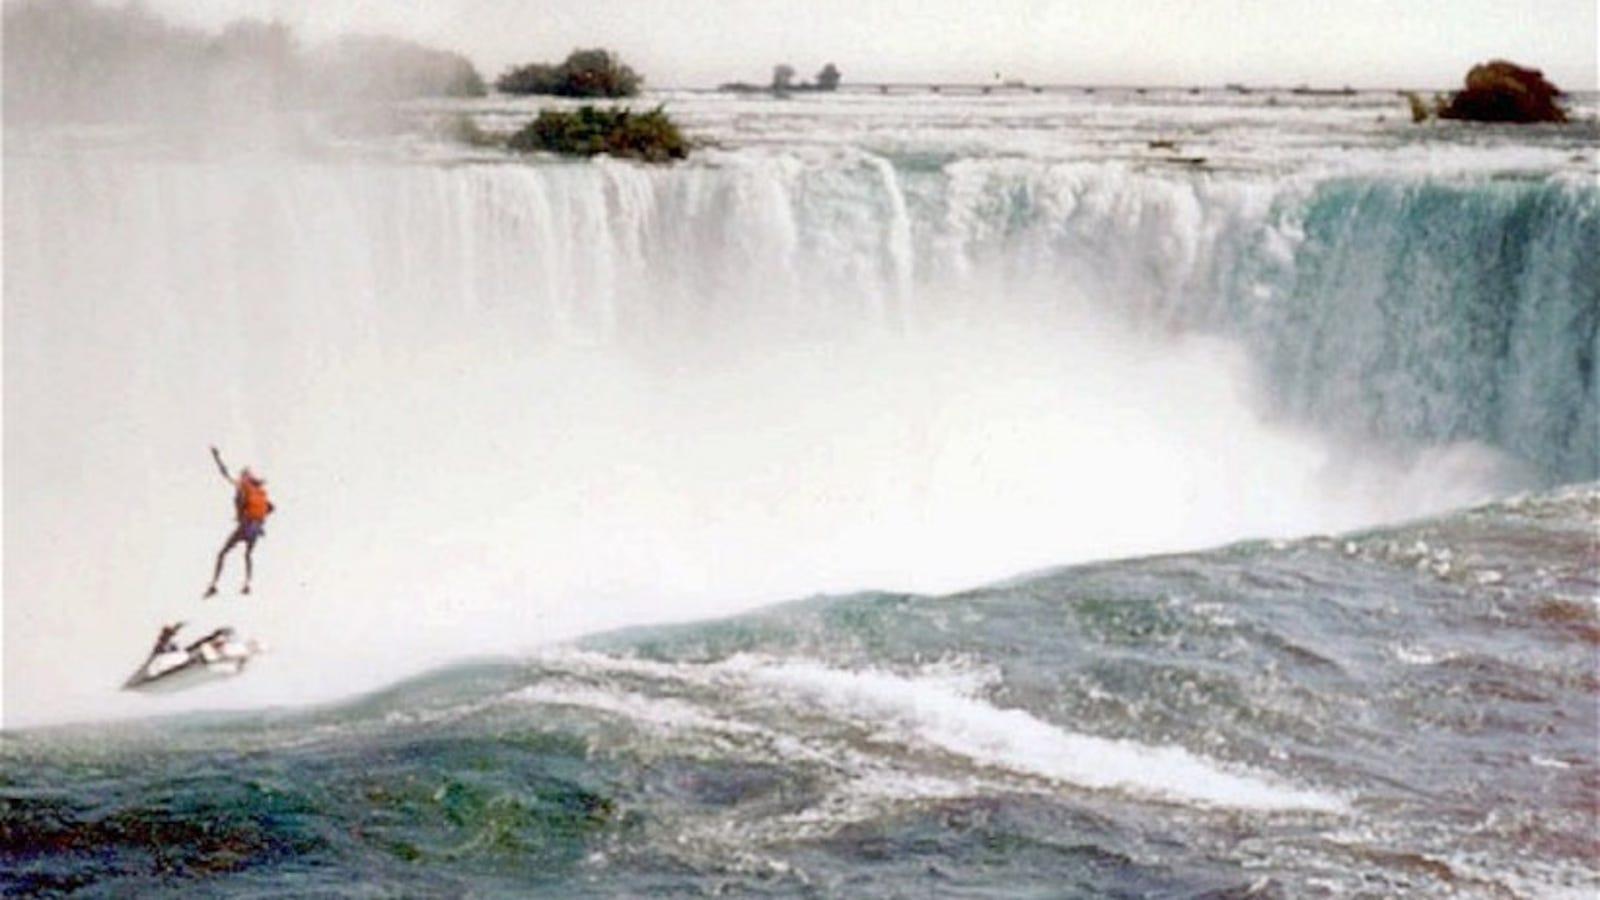 Esta es la última foto de Robert Overacker, el hombre que trató de sobrevivir al salto desde las cataratas del Niágara en moto de agua